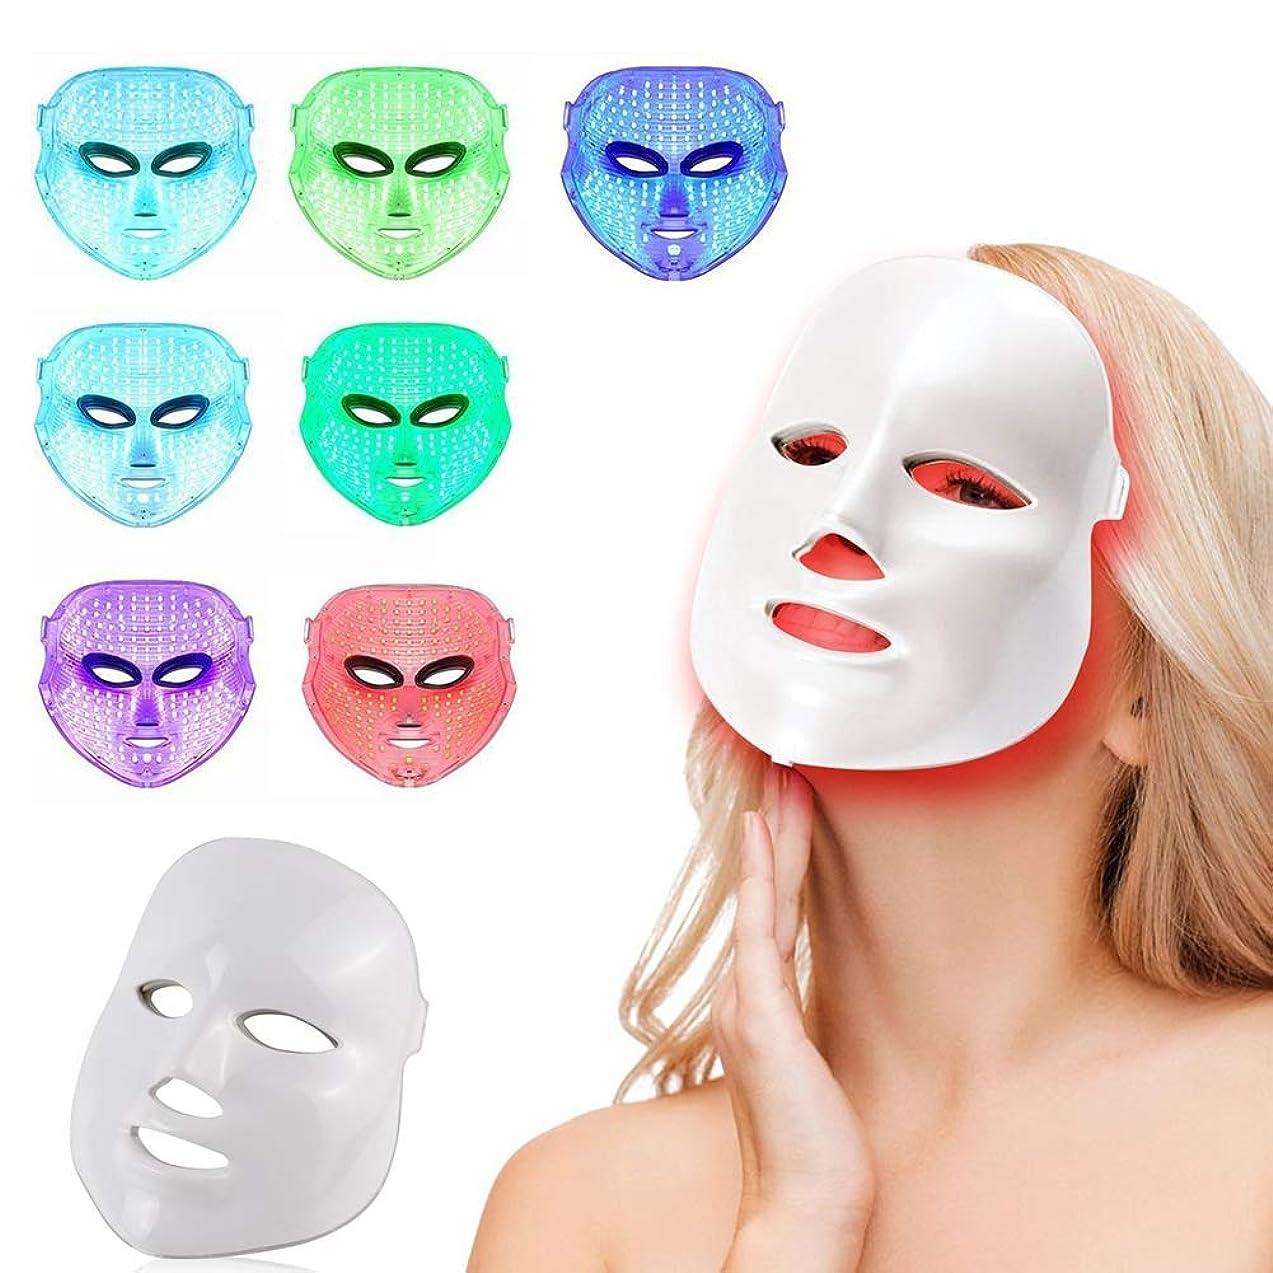 ストレンジャーソーダ水ジョガー7色LEDフェイスマスク、健康な肌の若返りのための光子光療法、フェイシャルスキンケア、アンチエイジングビューティー